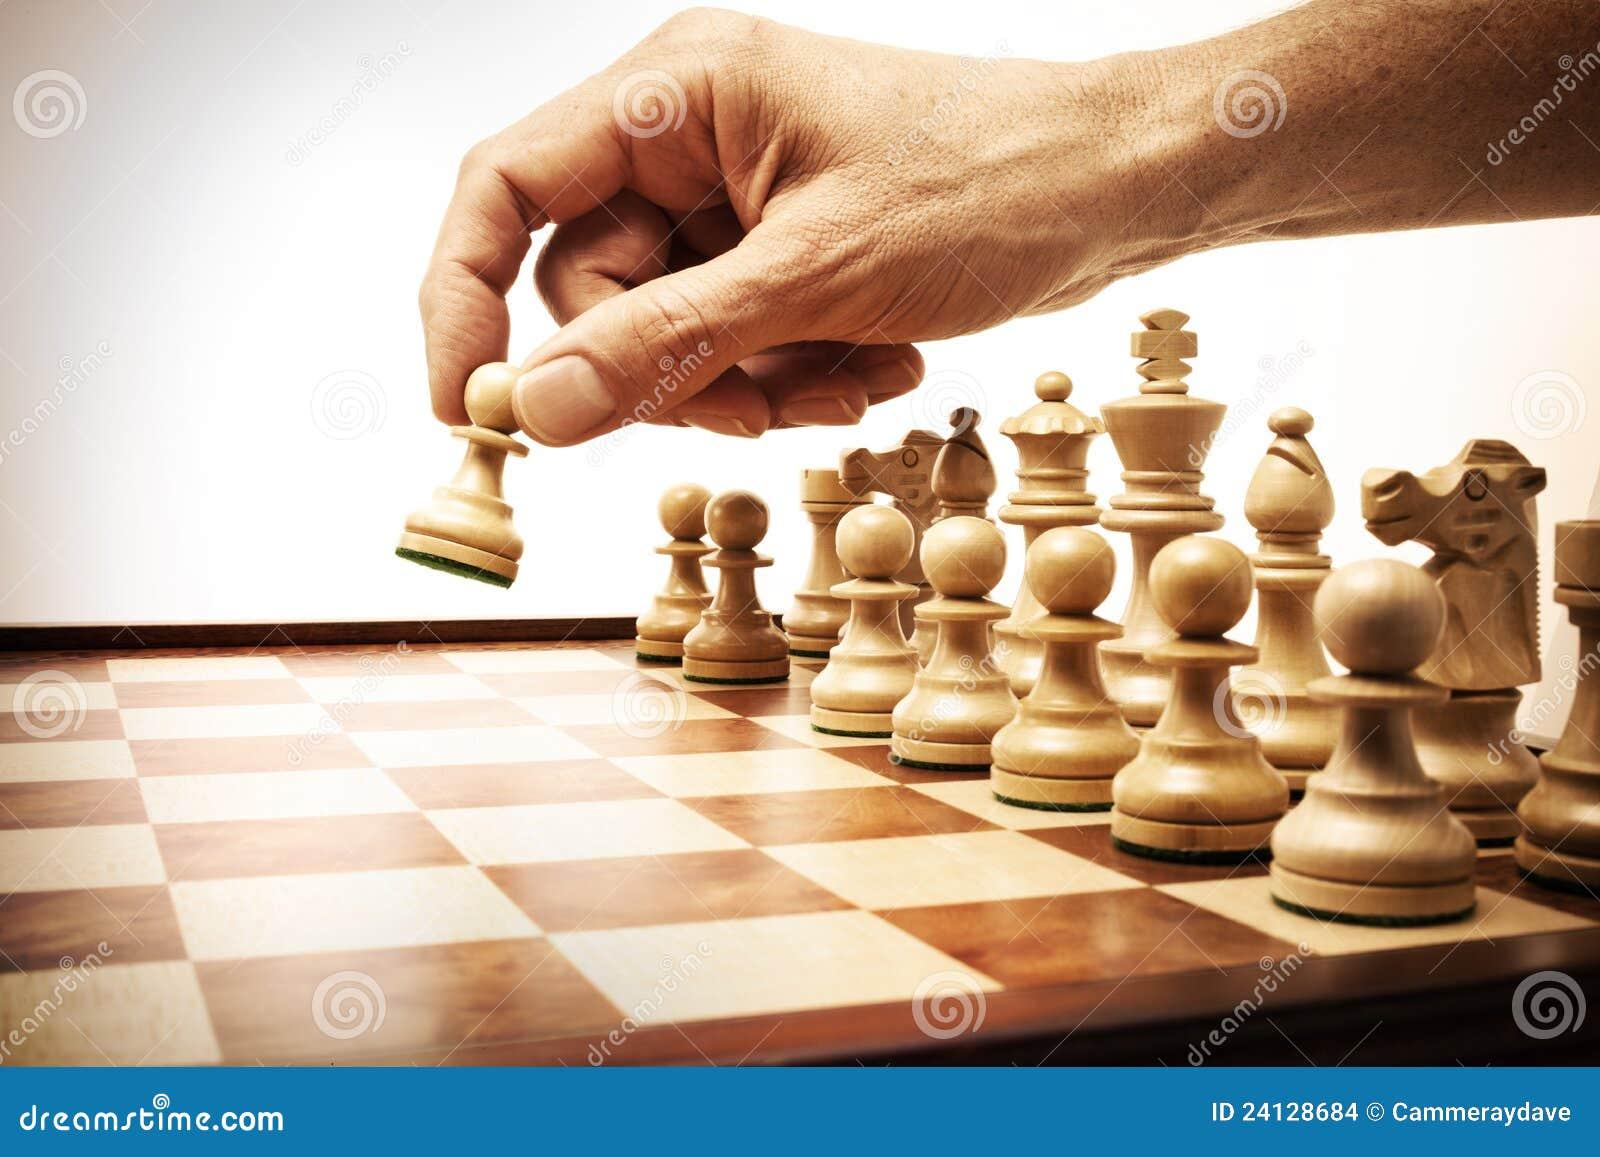 Primera mano del movimiento de ajedrez